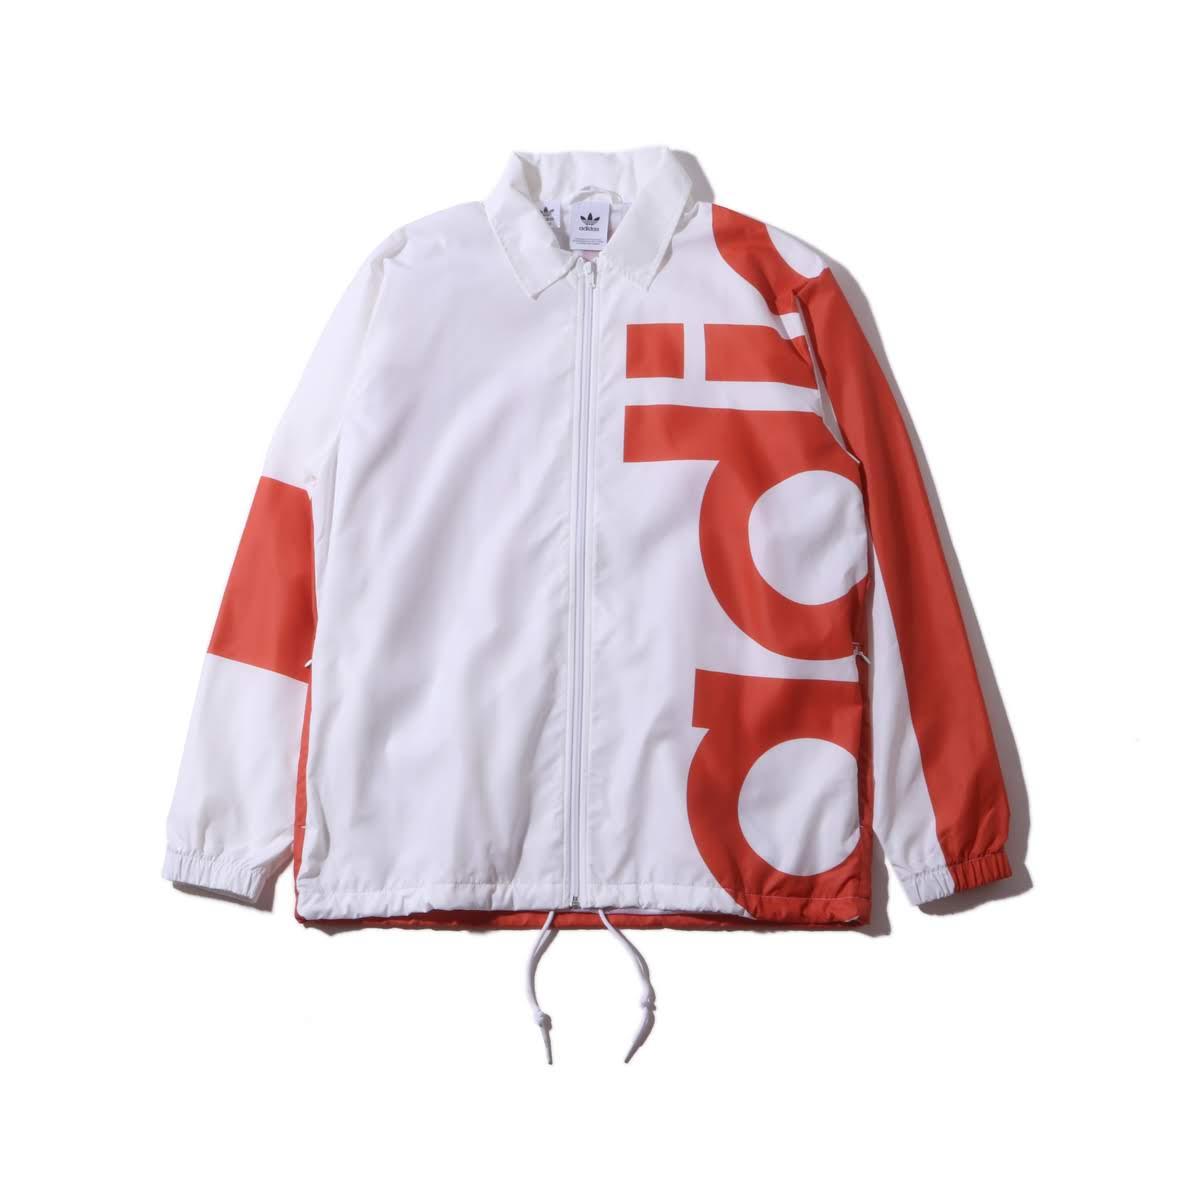 adidas Originals BIG ADI WINDBREAKER(アディダスオリジナルス ビッグ アディ ウインドブレイカー)WHITE/RAW AMBER【メンズ ジャケット】19SS-I